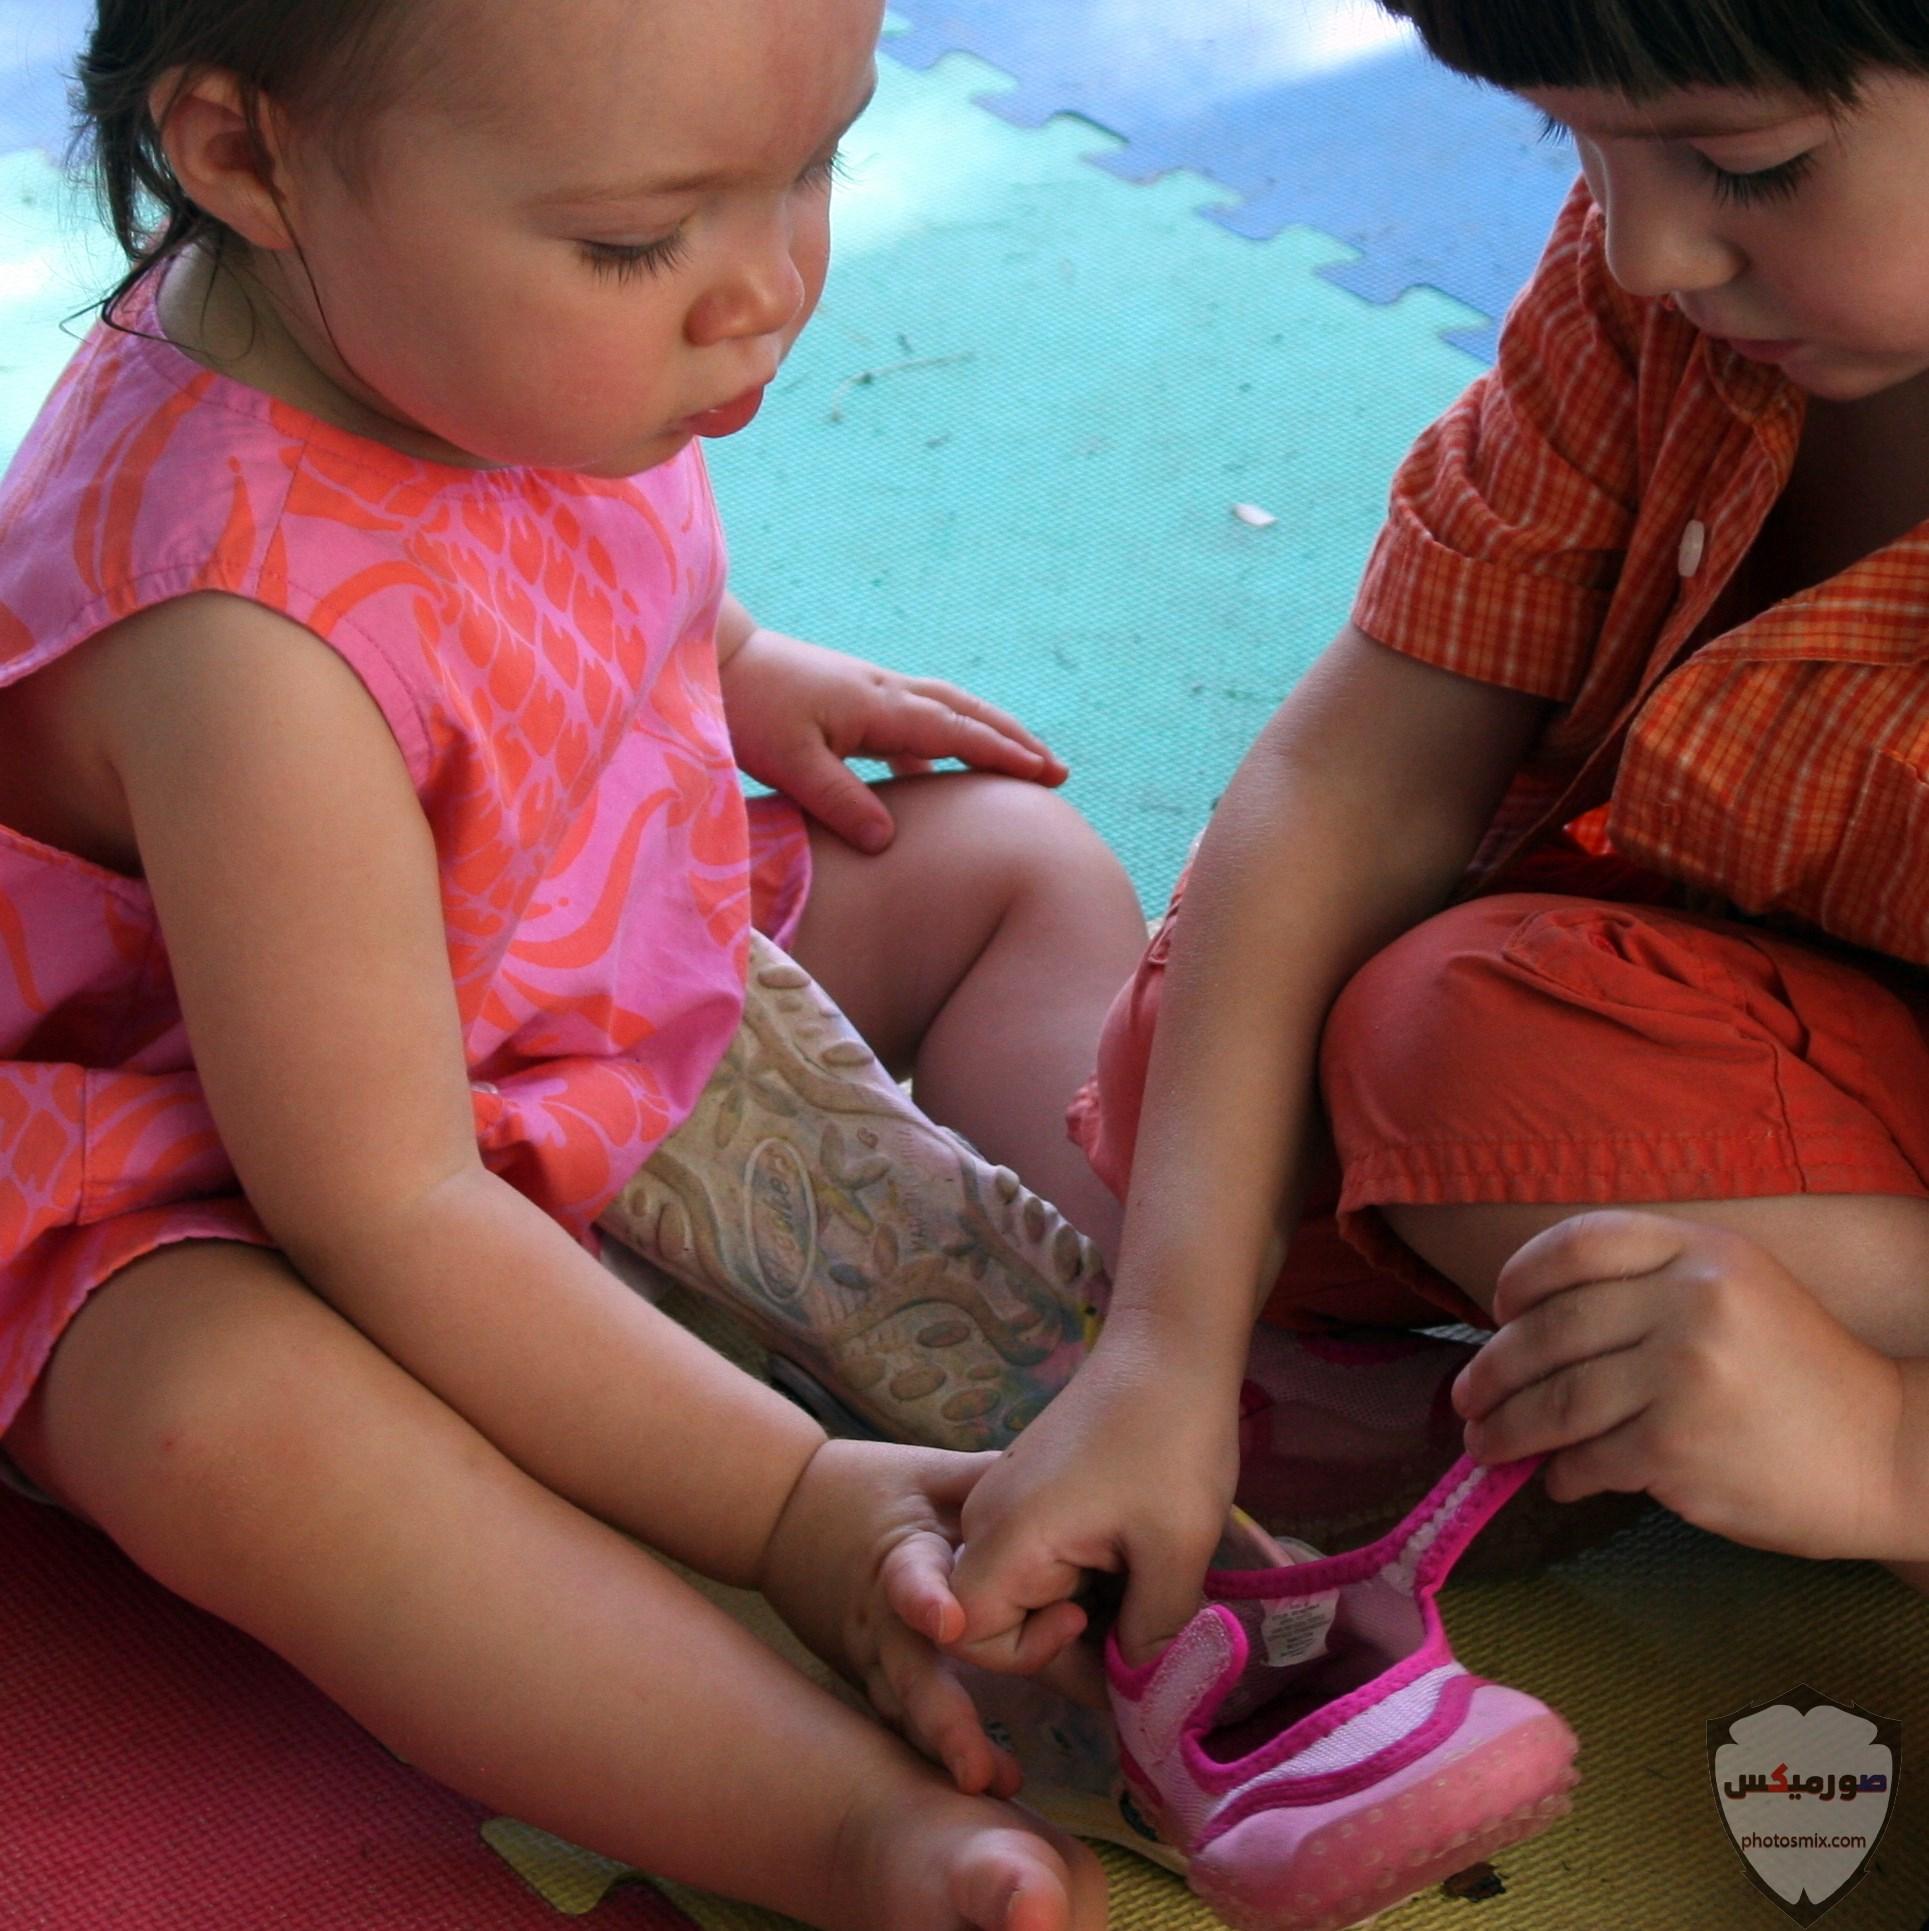 صور اطفال 2021 تحميل اكثر من 100 صور اطفال جميلة صور اطفال روعة 2020 23 1